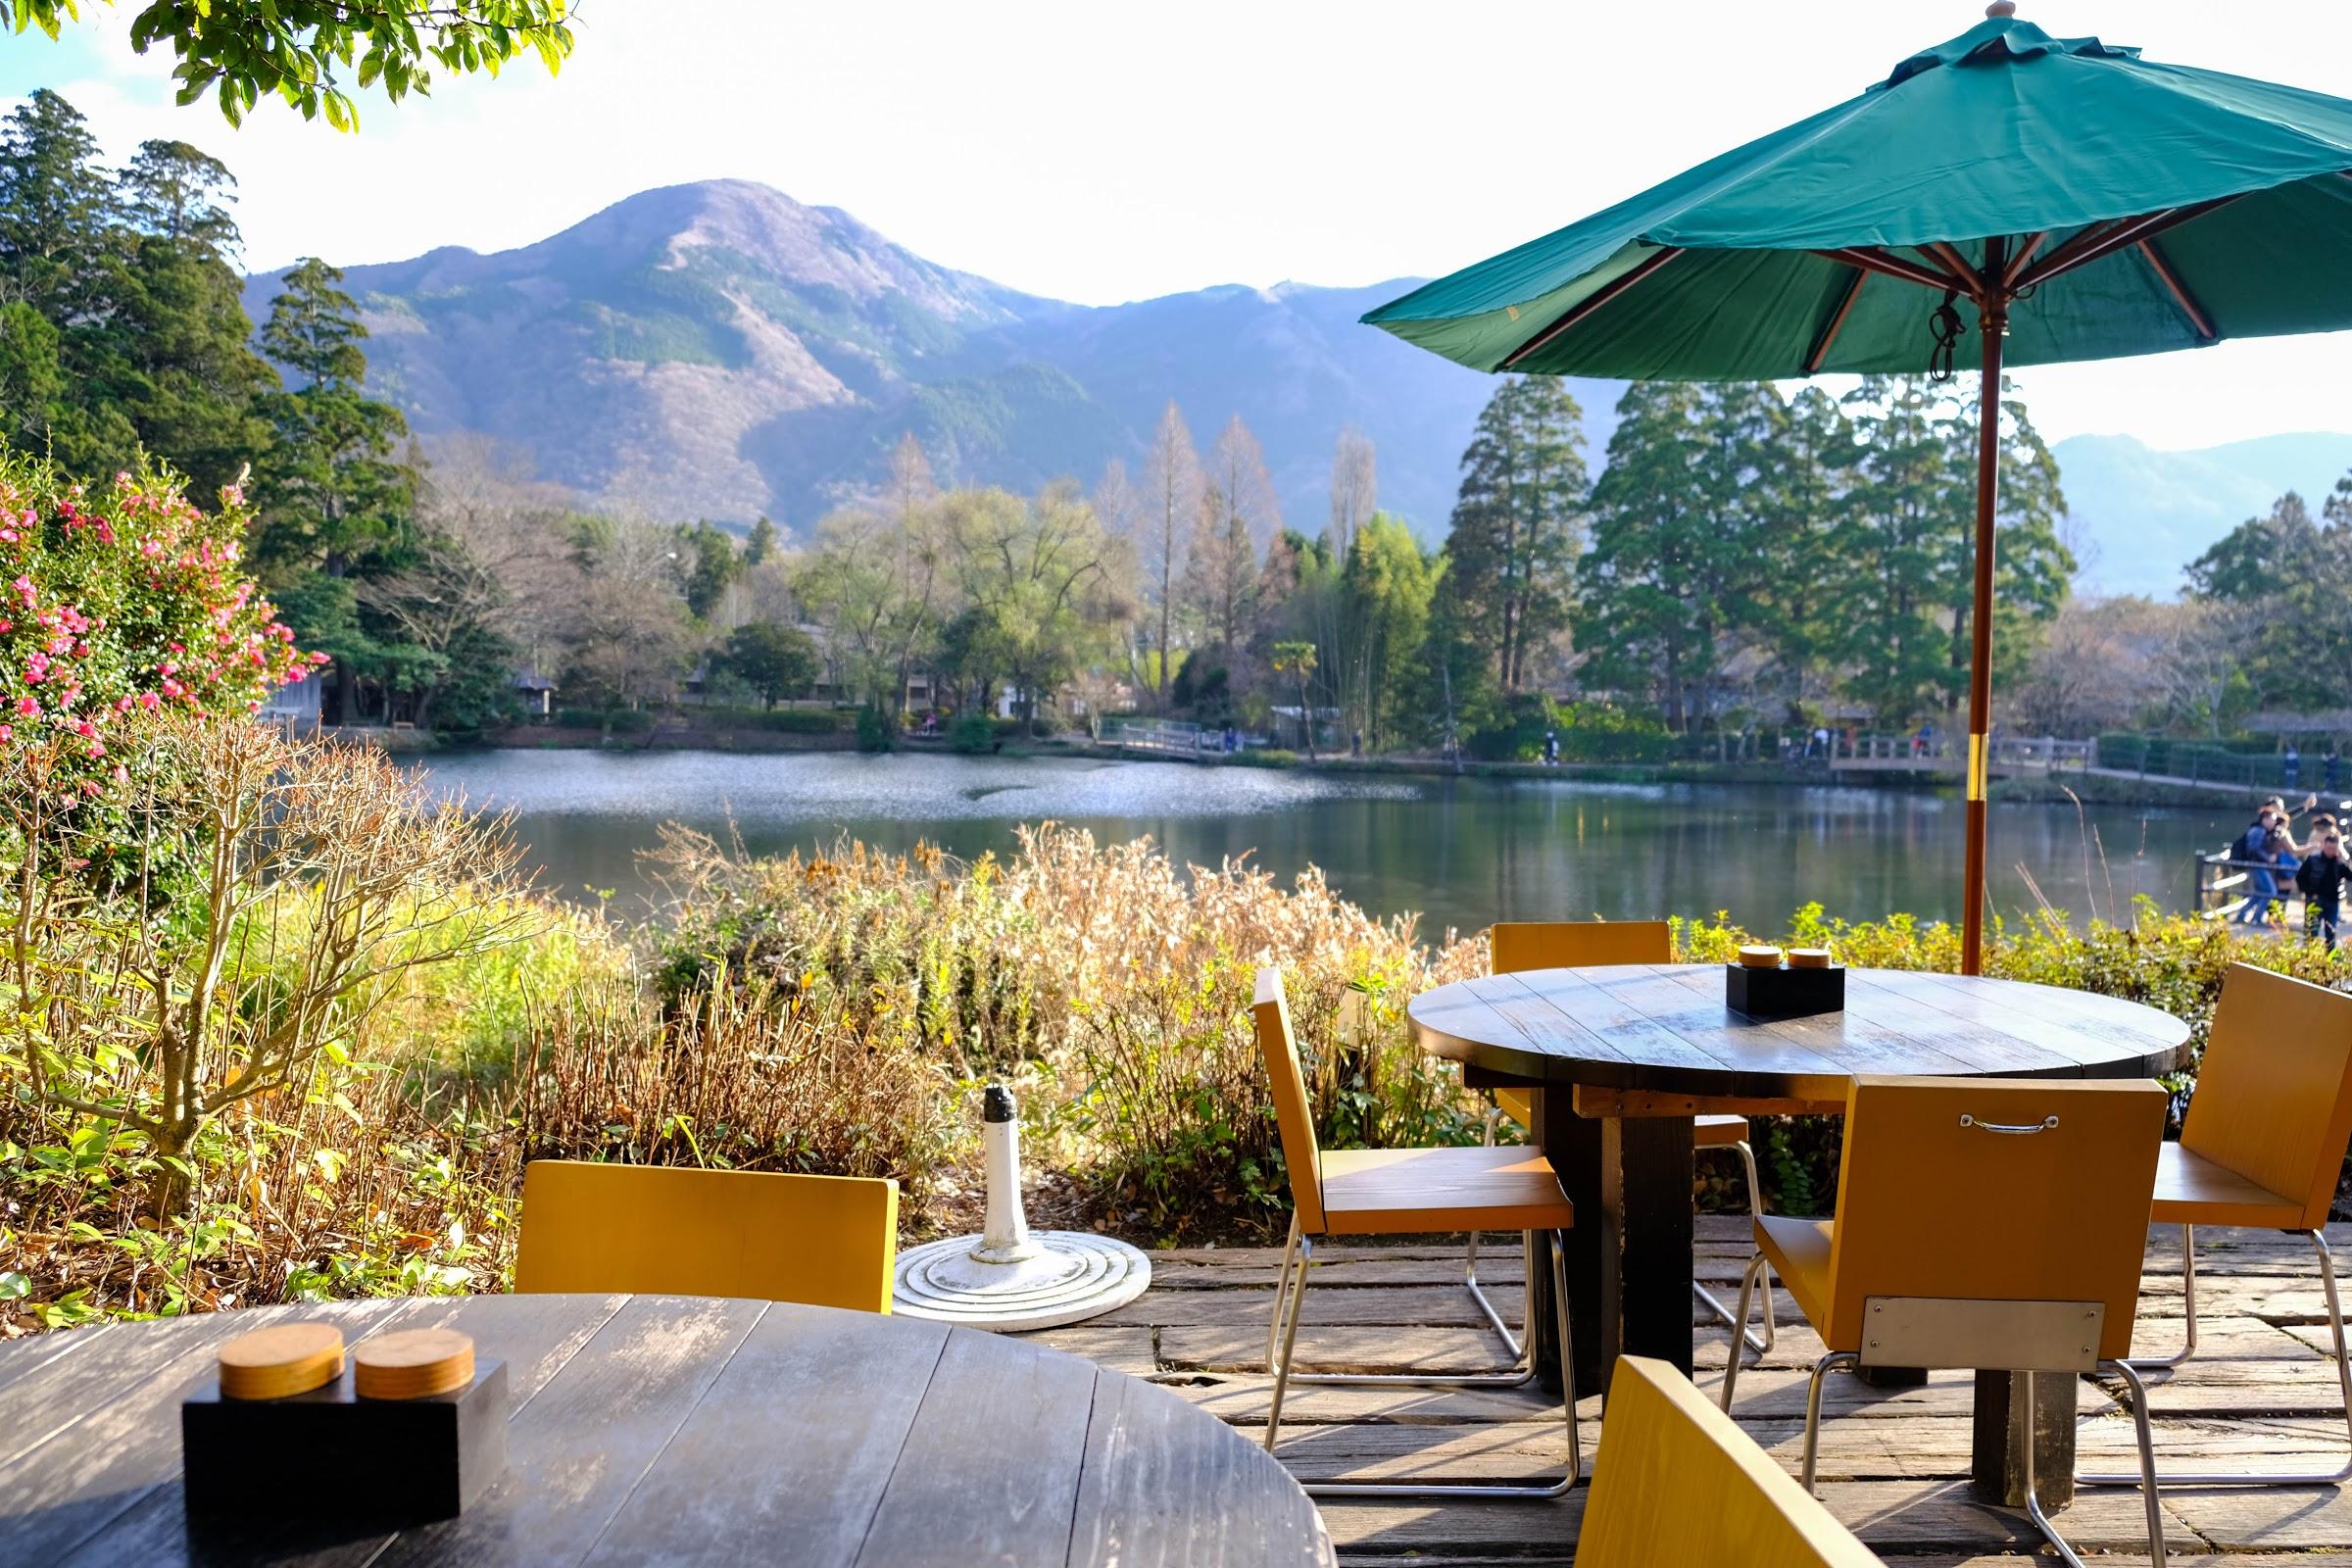 【福岡】願意待上一下午的仙境美景,在湖畔喝一杯忘憂的咖啡!金鱗湖 CAFE LA RUCHE - Yahoo奇摩旅遊